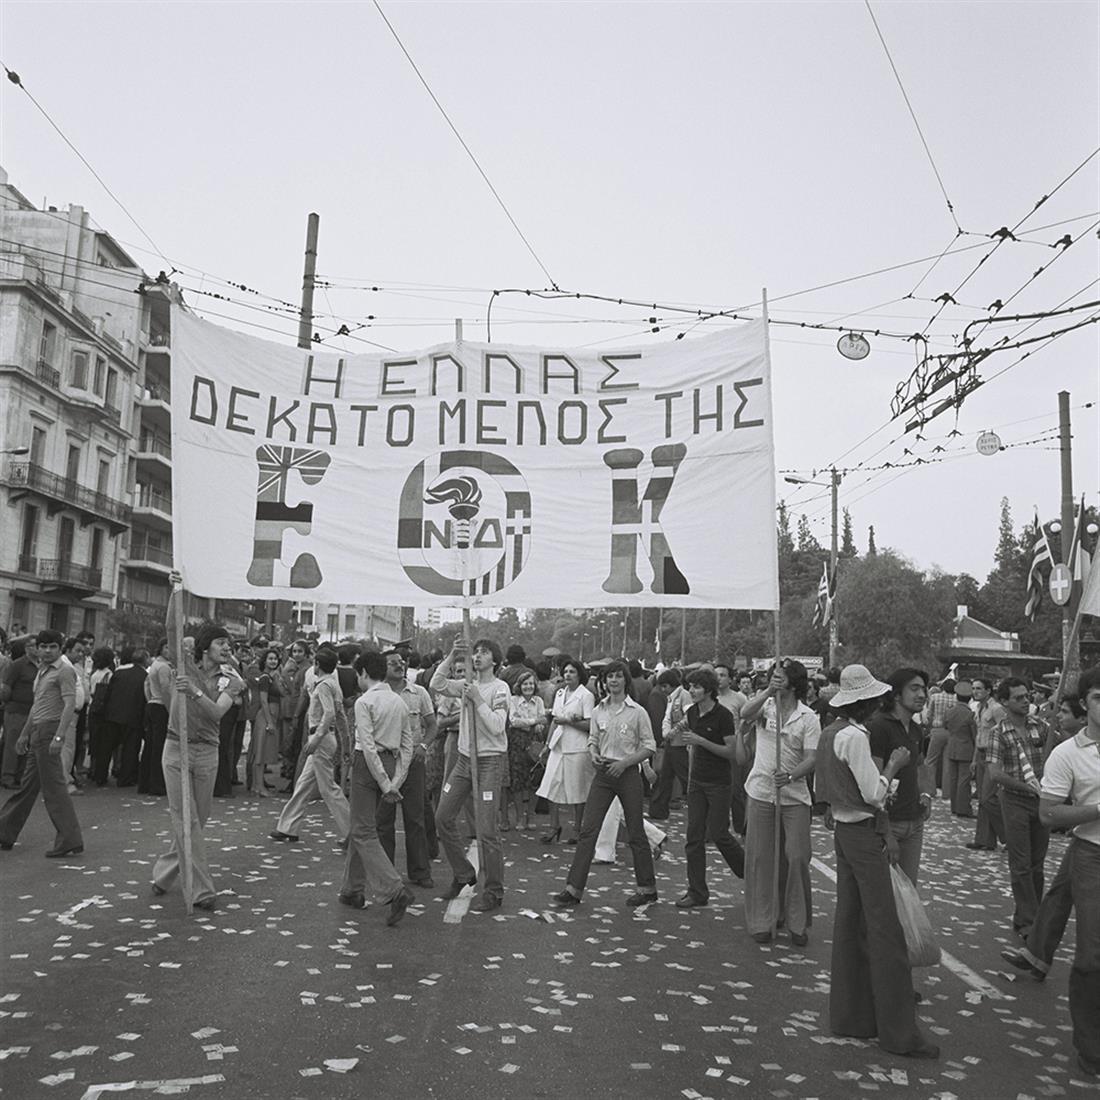 Υπογραφή Συνθήκης Προσχώρησης Ελλάδας στην ΕΟΚ - 28 Μαΐου 1979 - Ζάππειο Μέγαρο